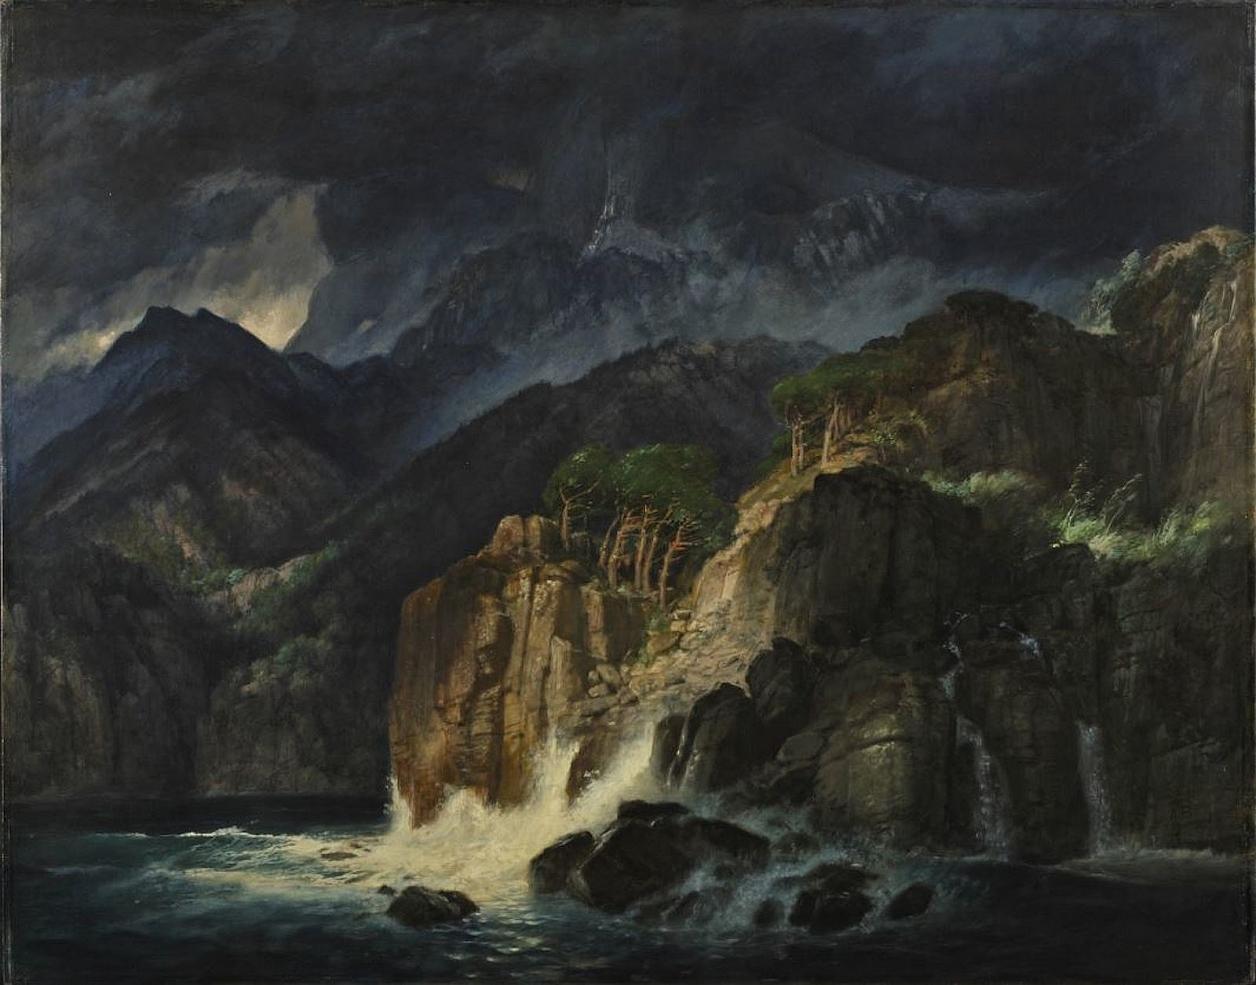 Arnold Böcklin Painting 3